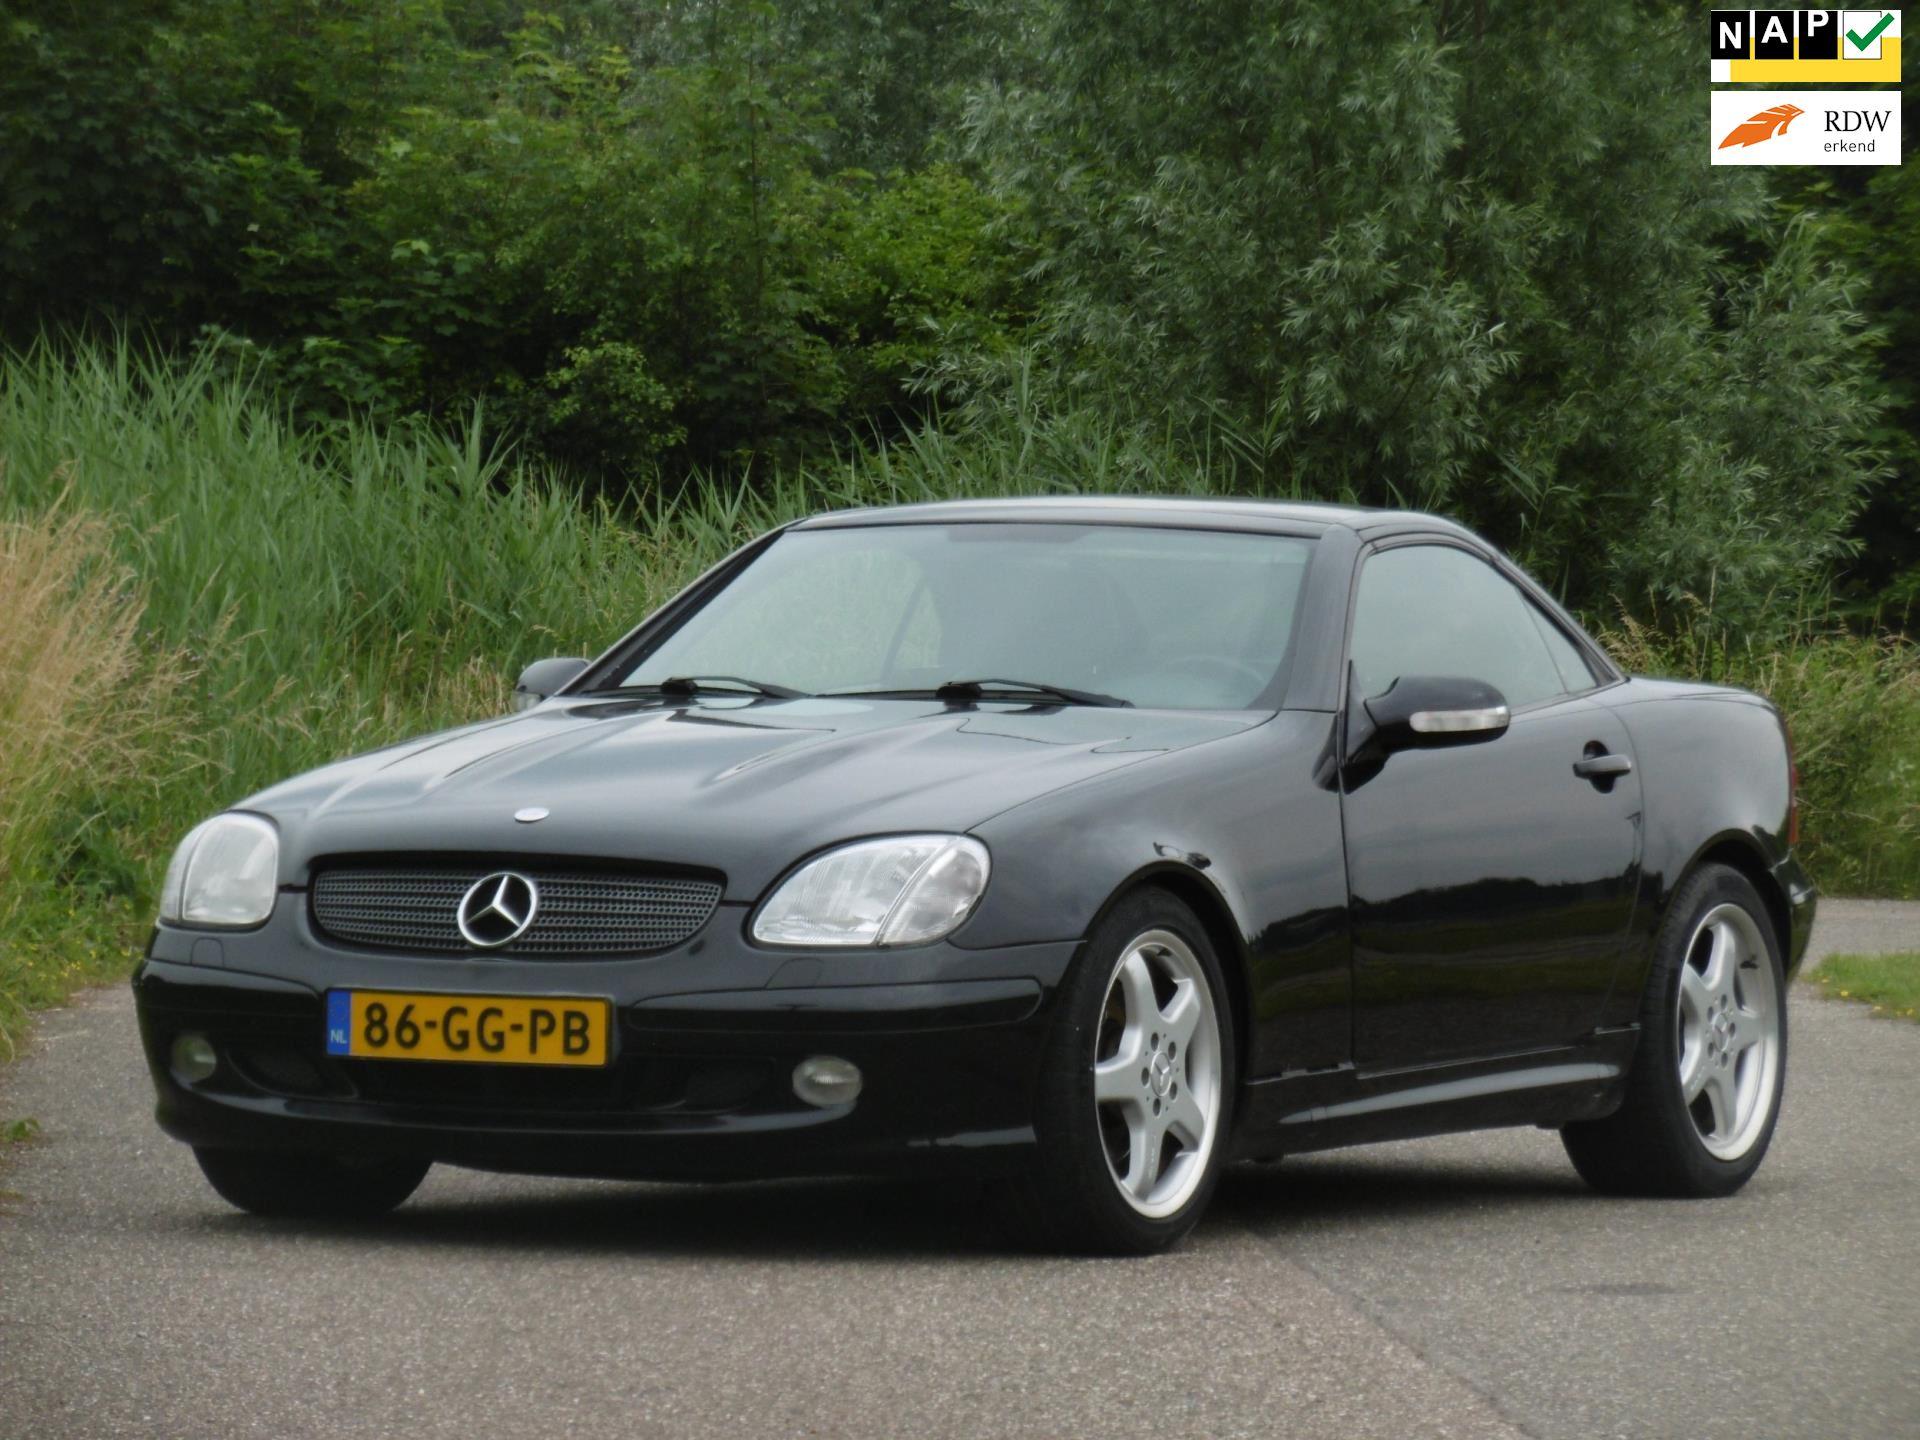 Mercedes-Benz SLK-klasse occasion - Dunant Cars